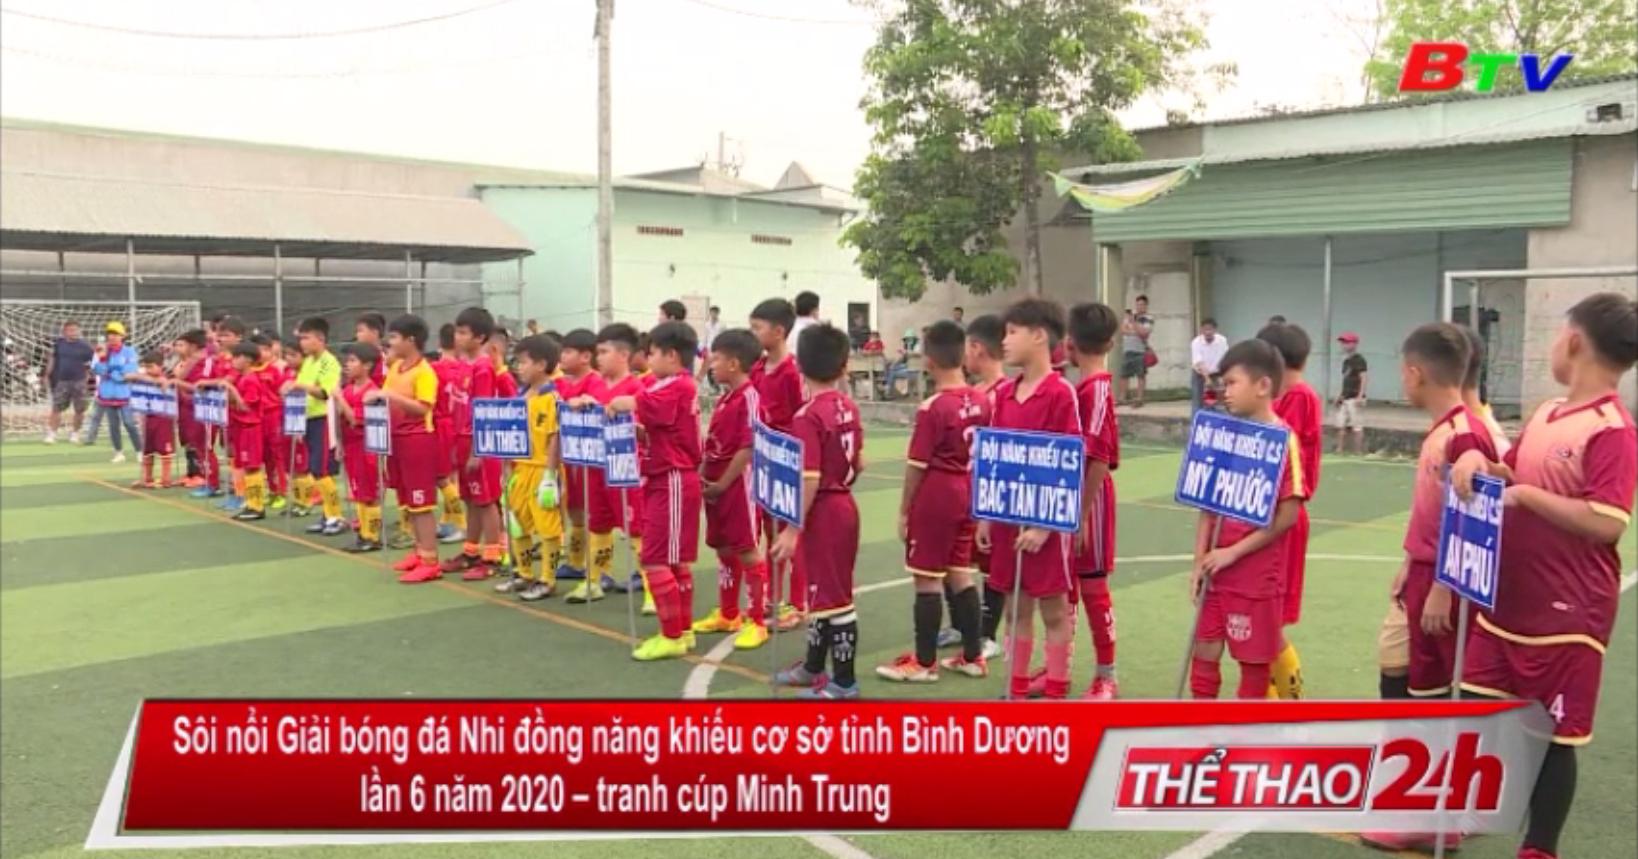 Sôi nổi Giải bóng đá Nhi đồng năng khiếu cơ sở tỉnh Bình Dương lần VI năm 2020 - tranh cúp Minh Trung